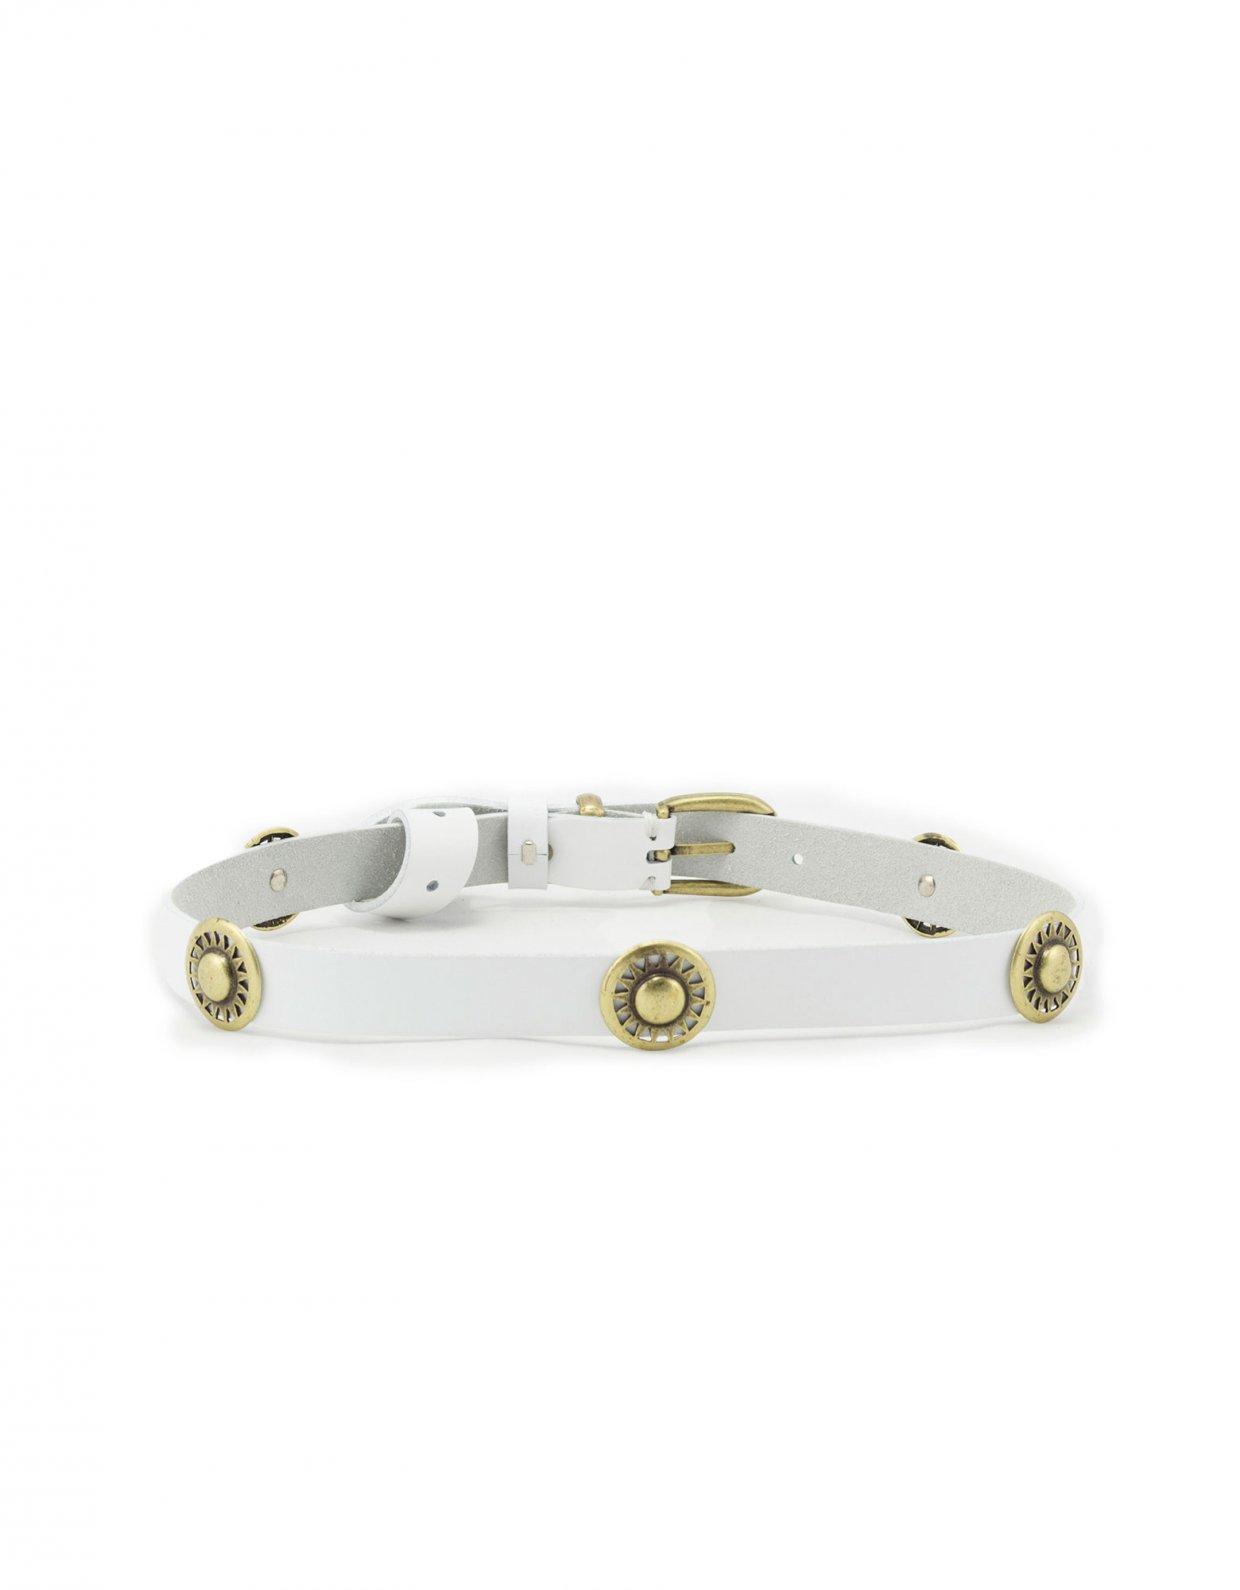 Individual Art Leather Holiday belt white